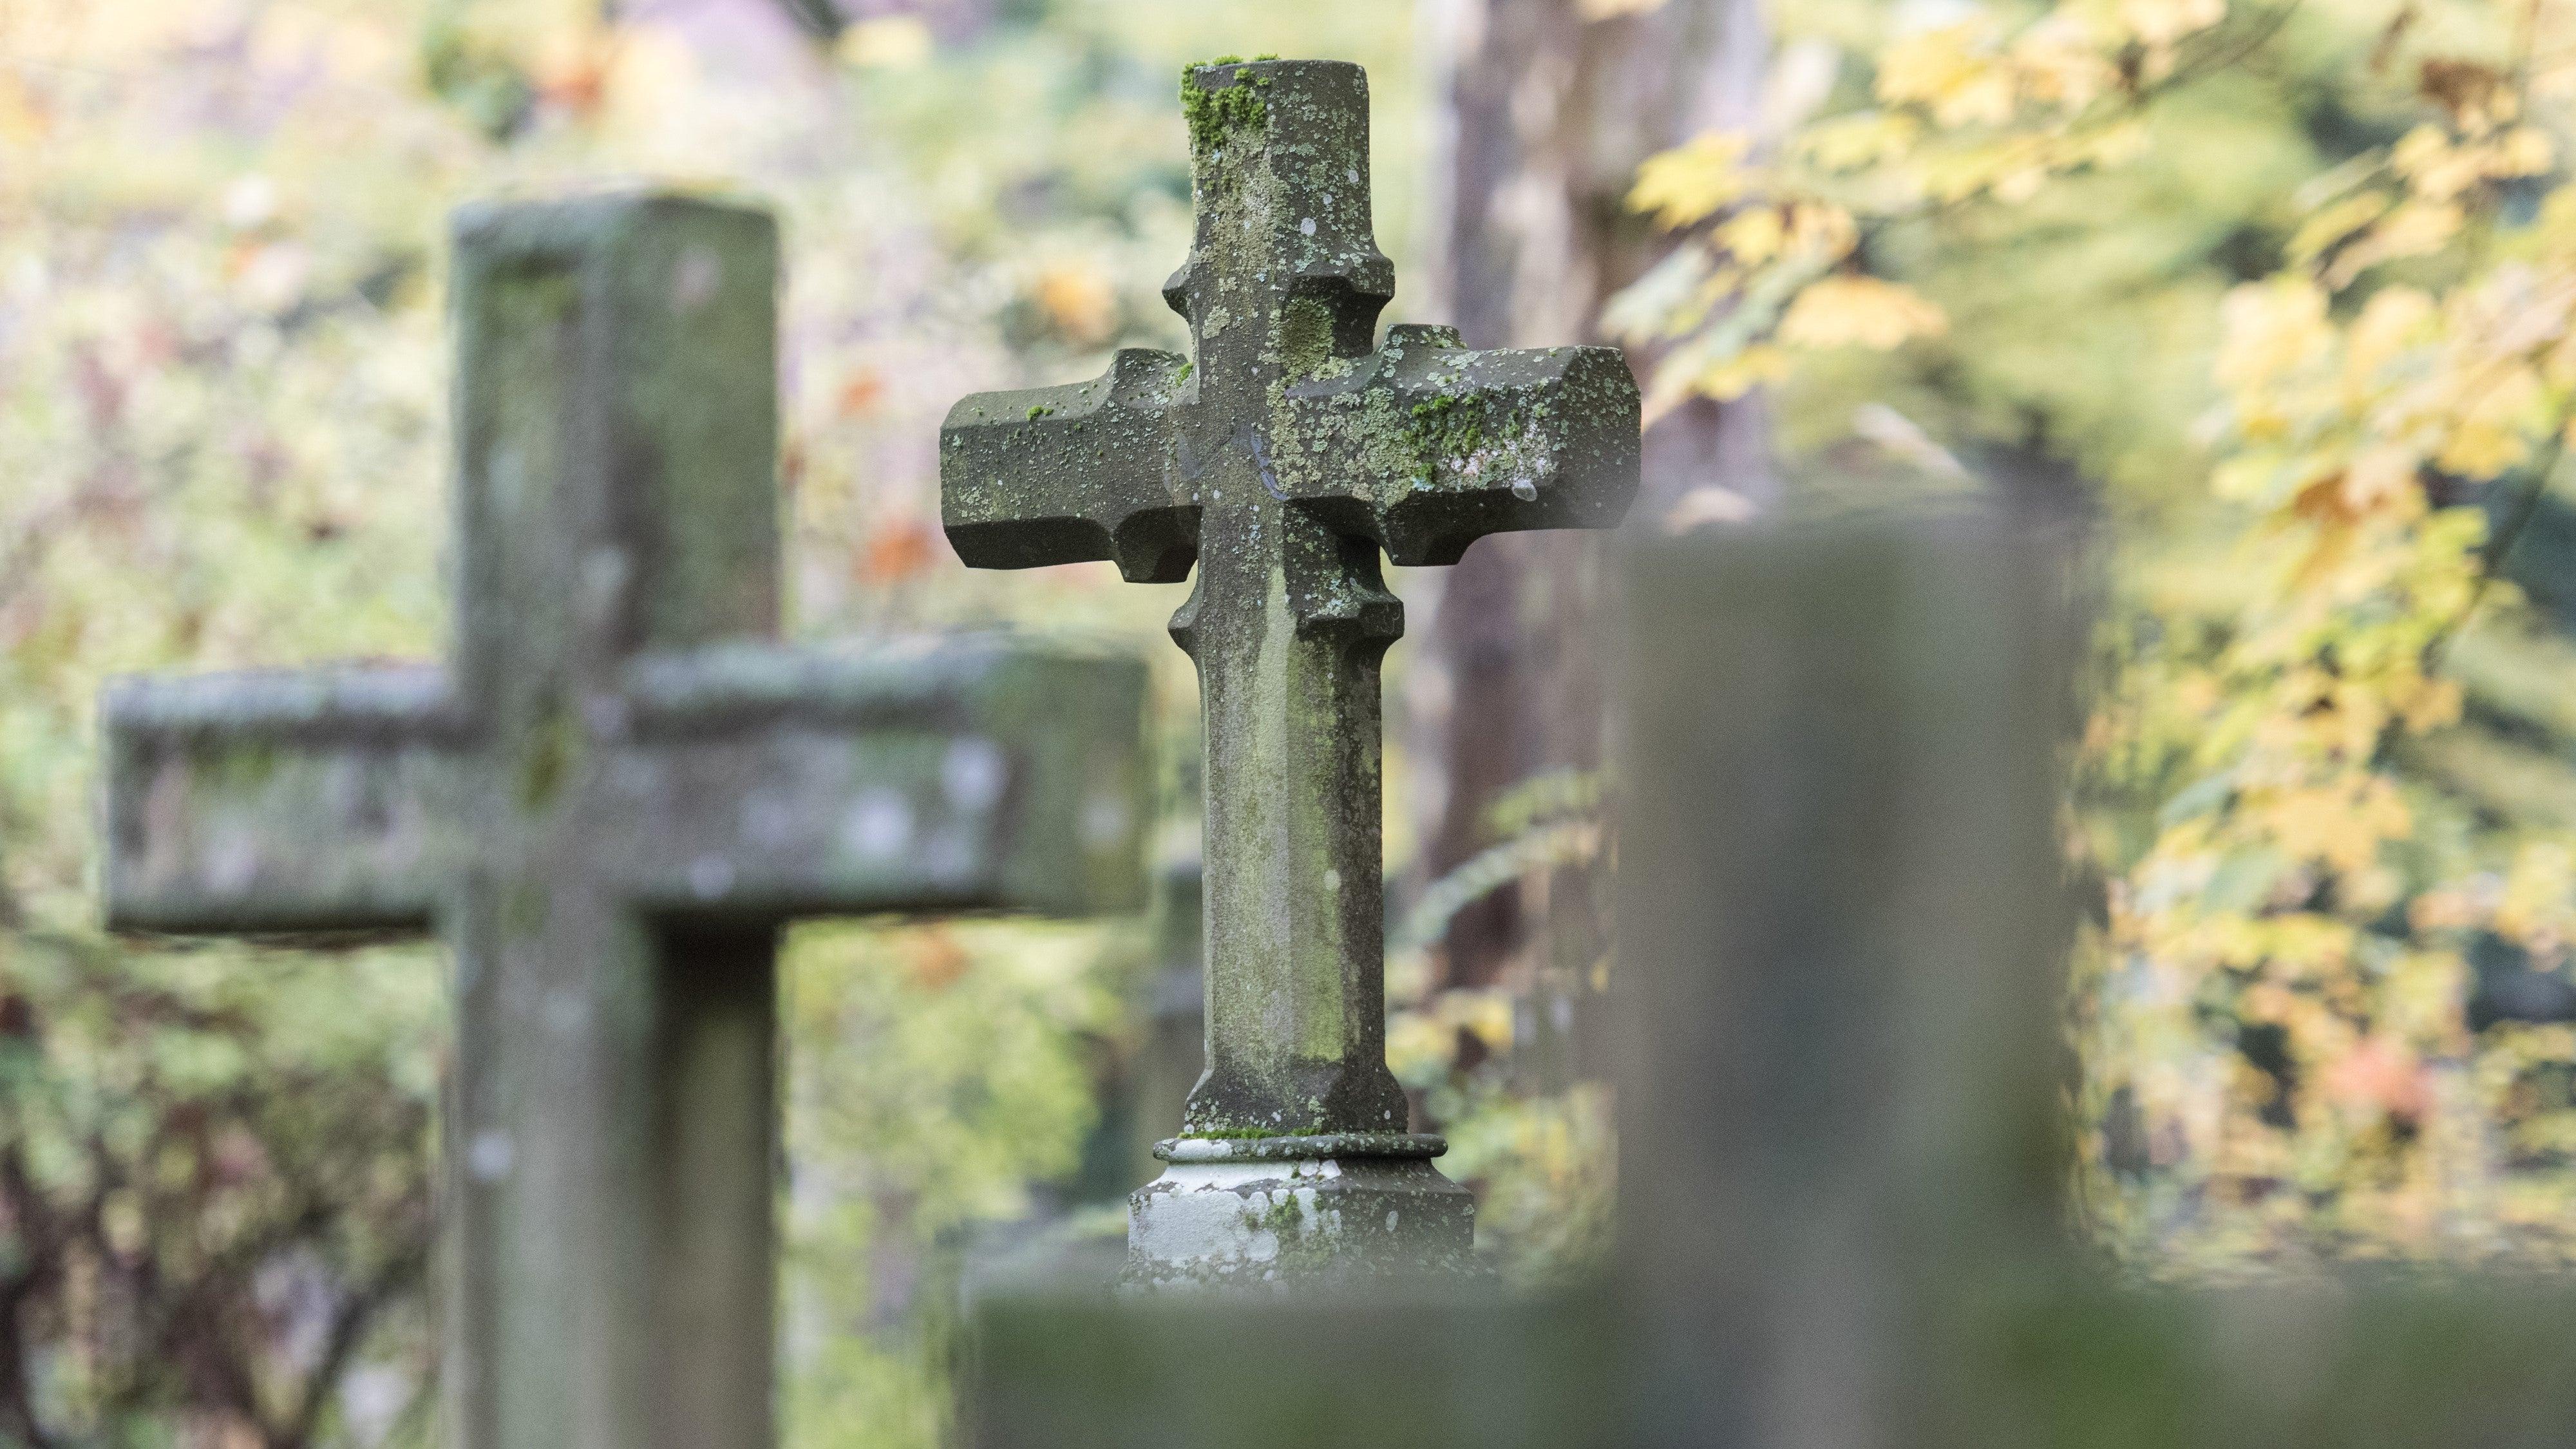 Leichen Verwesen Nicht Mehr Vollständig In Den Gräbern Das Wird